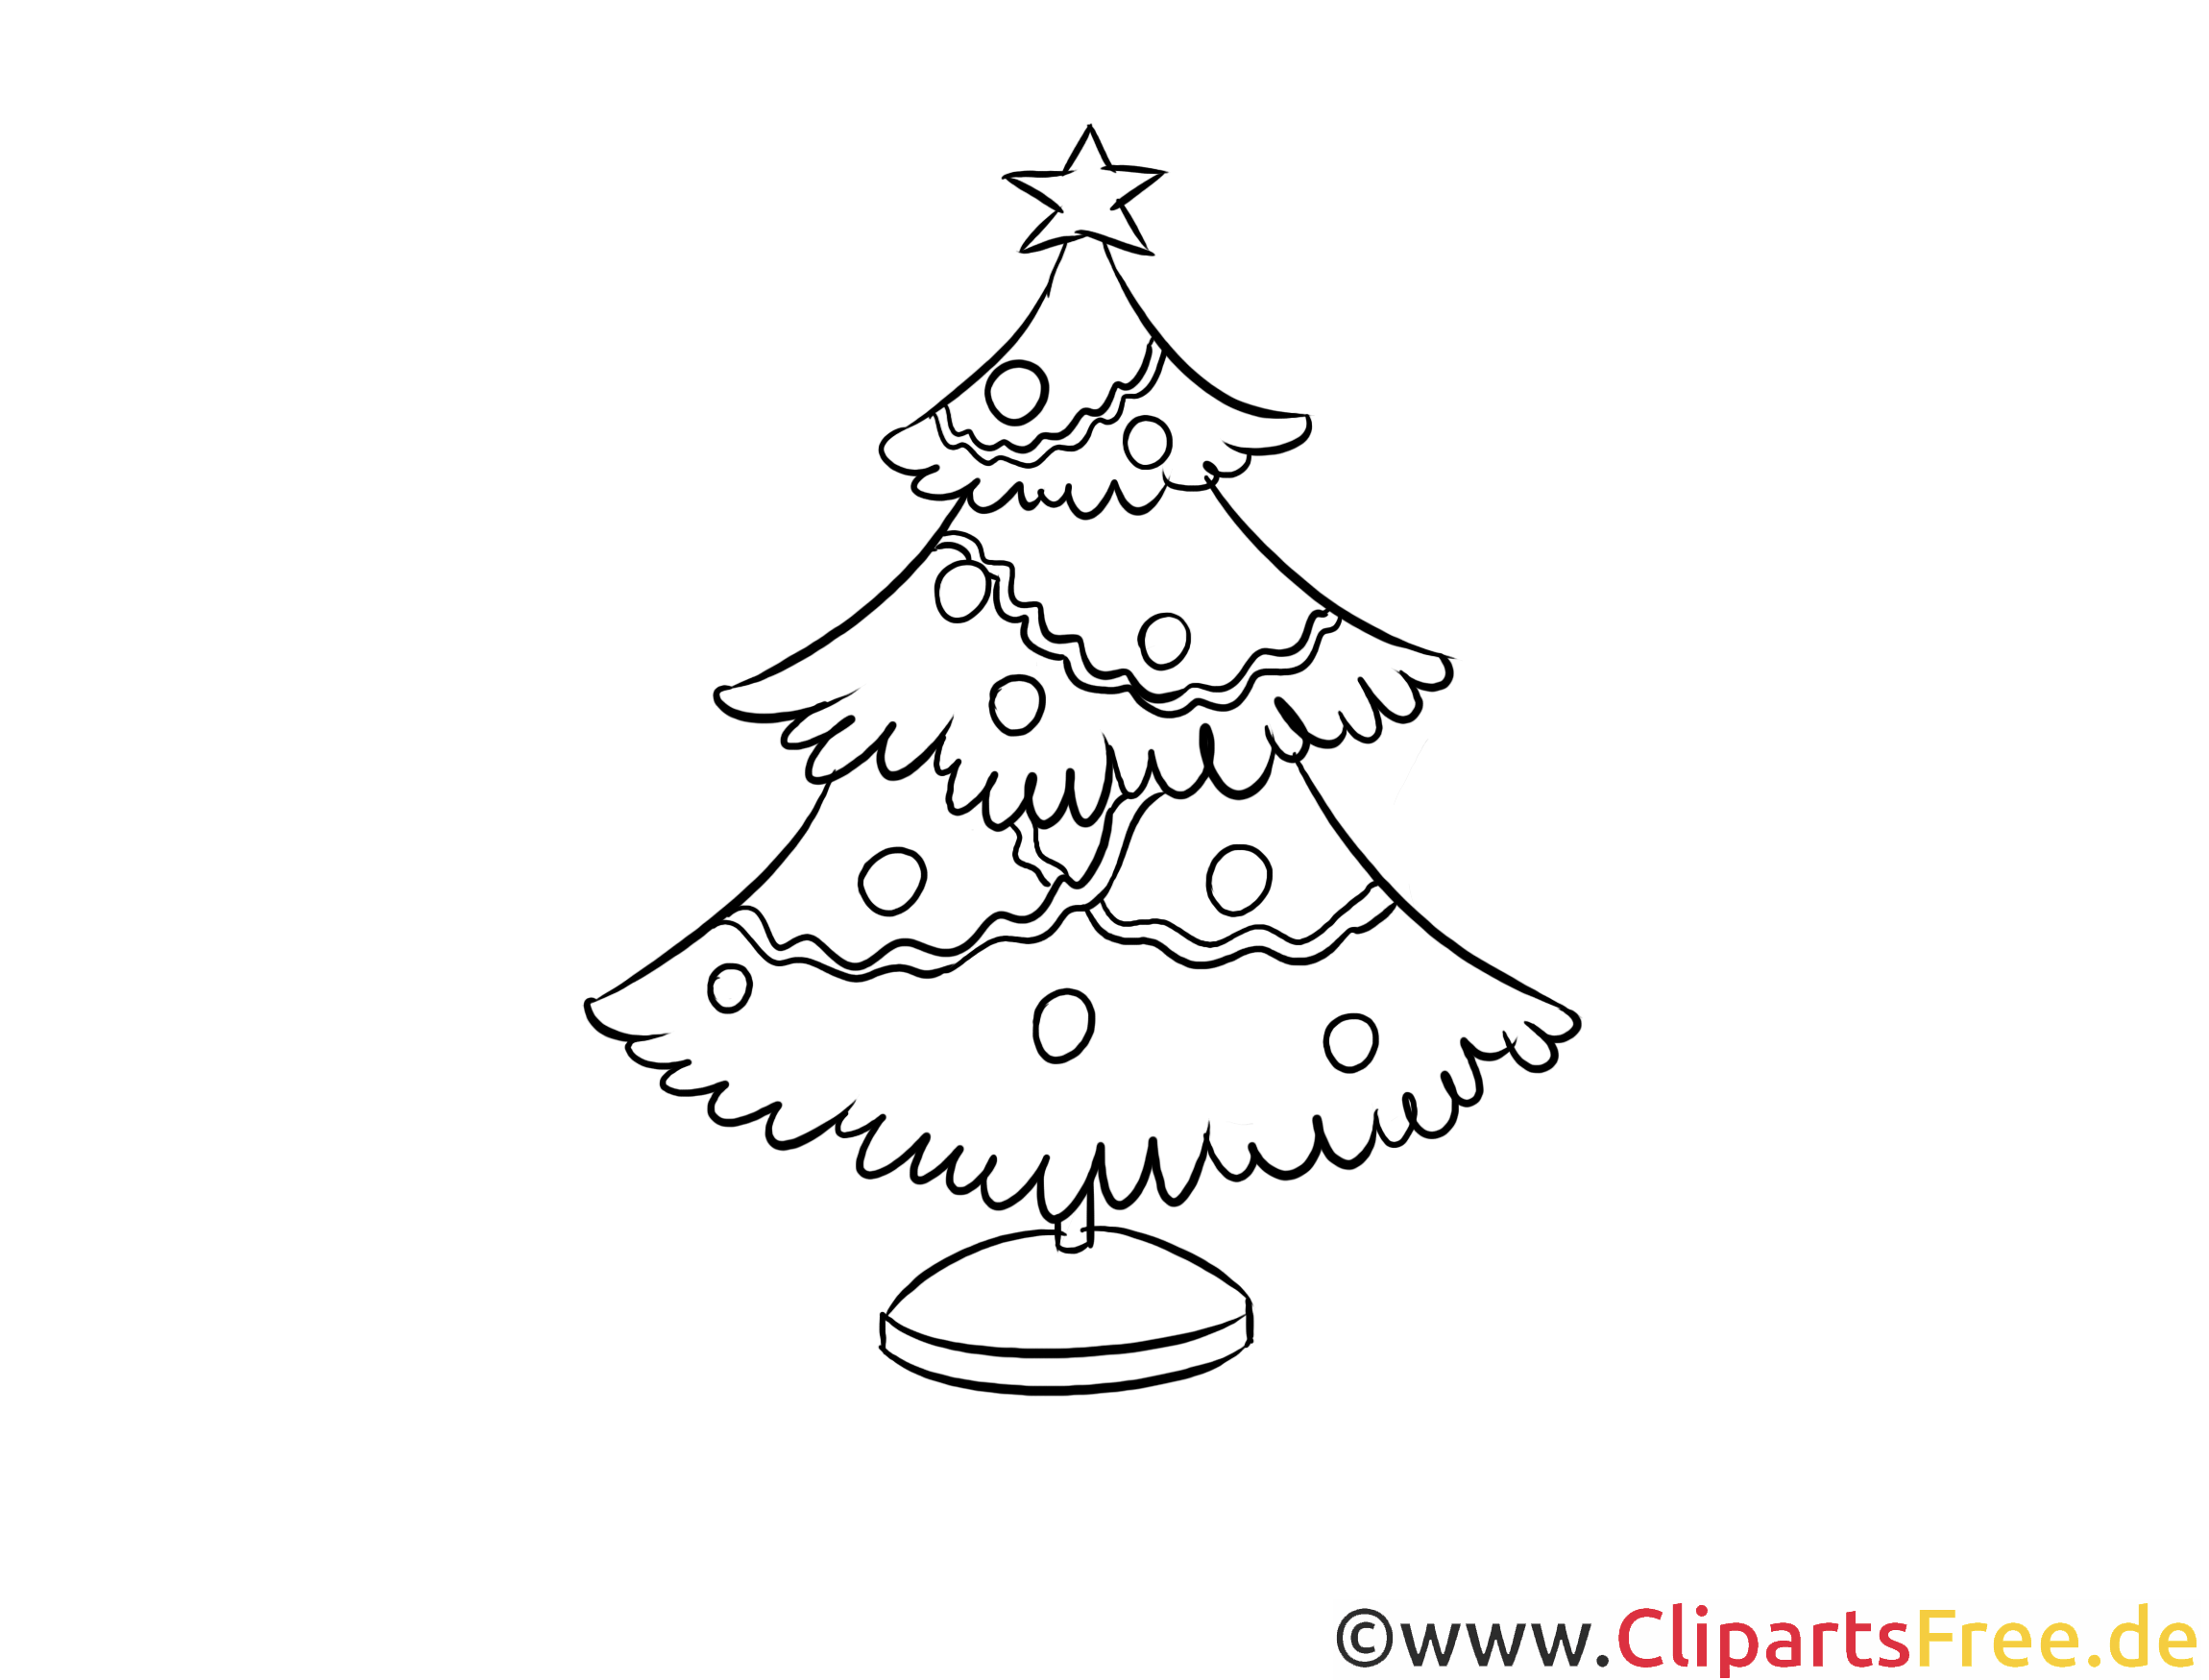 Shwc48 Schaukelpferd Holz Weihnachten Clipart Big Pictures Hd